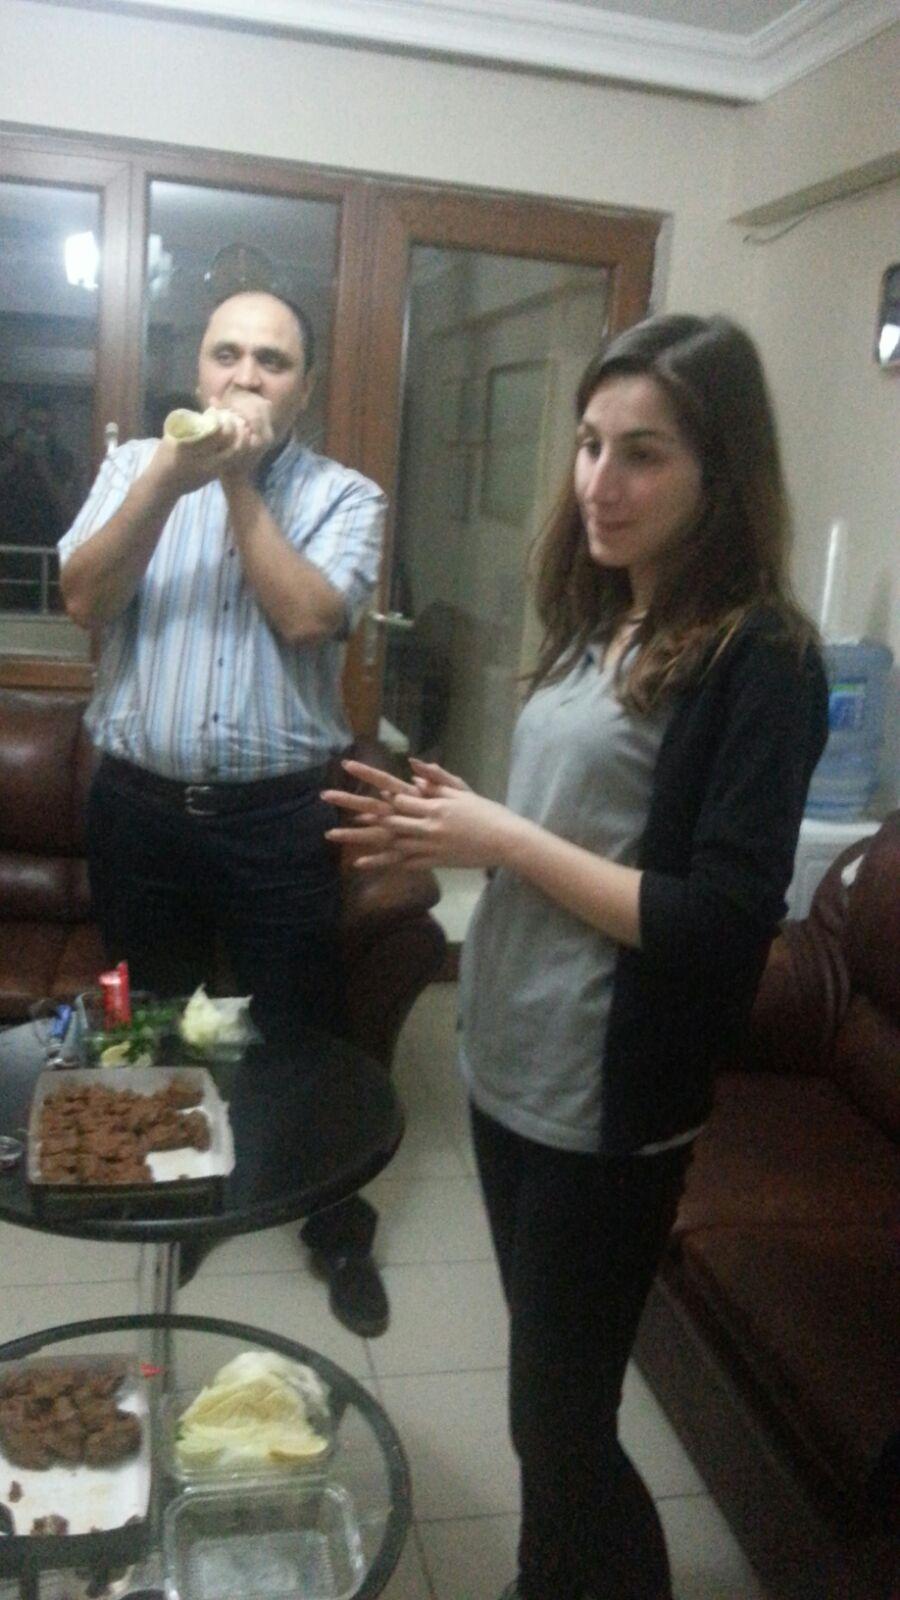 çiğ köfte günü (2)